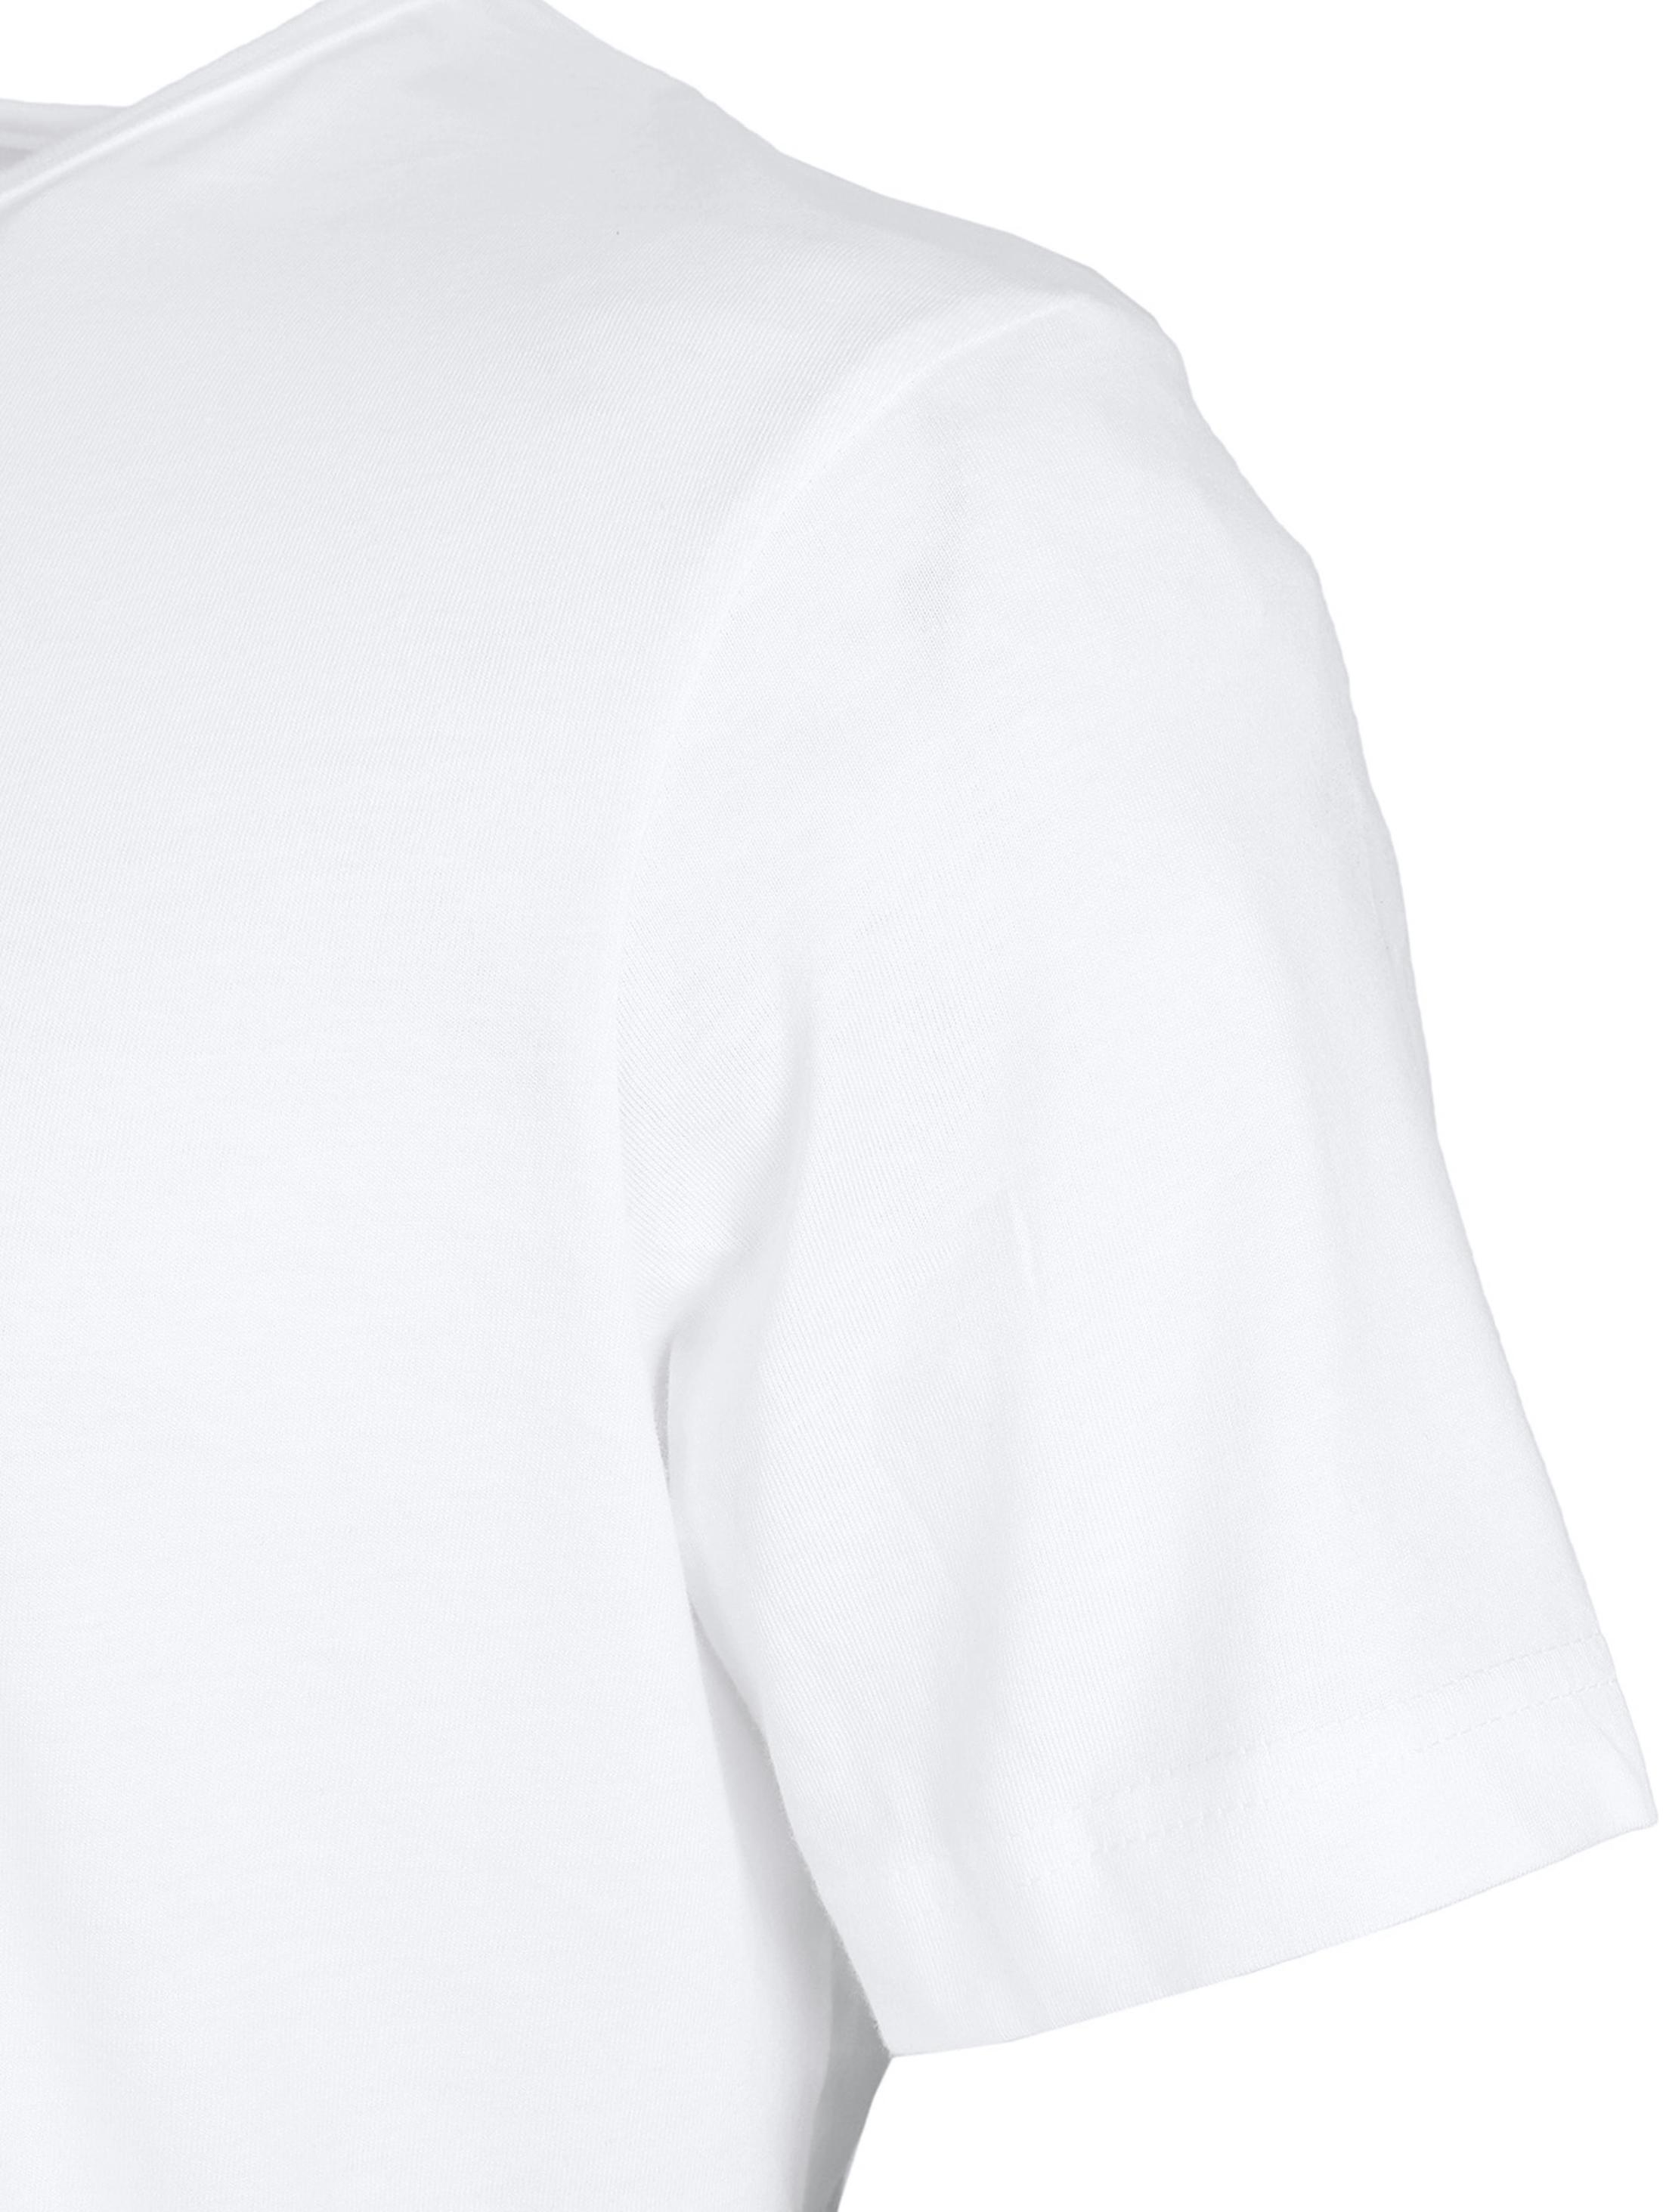 White T-shirt O-Neck 6-Pack photo 4